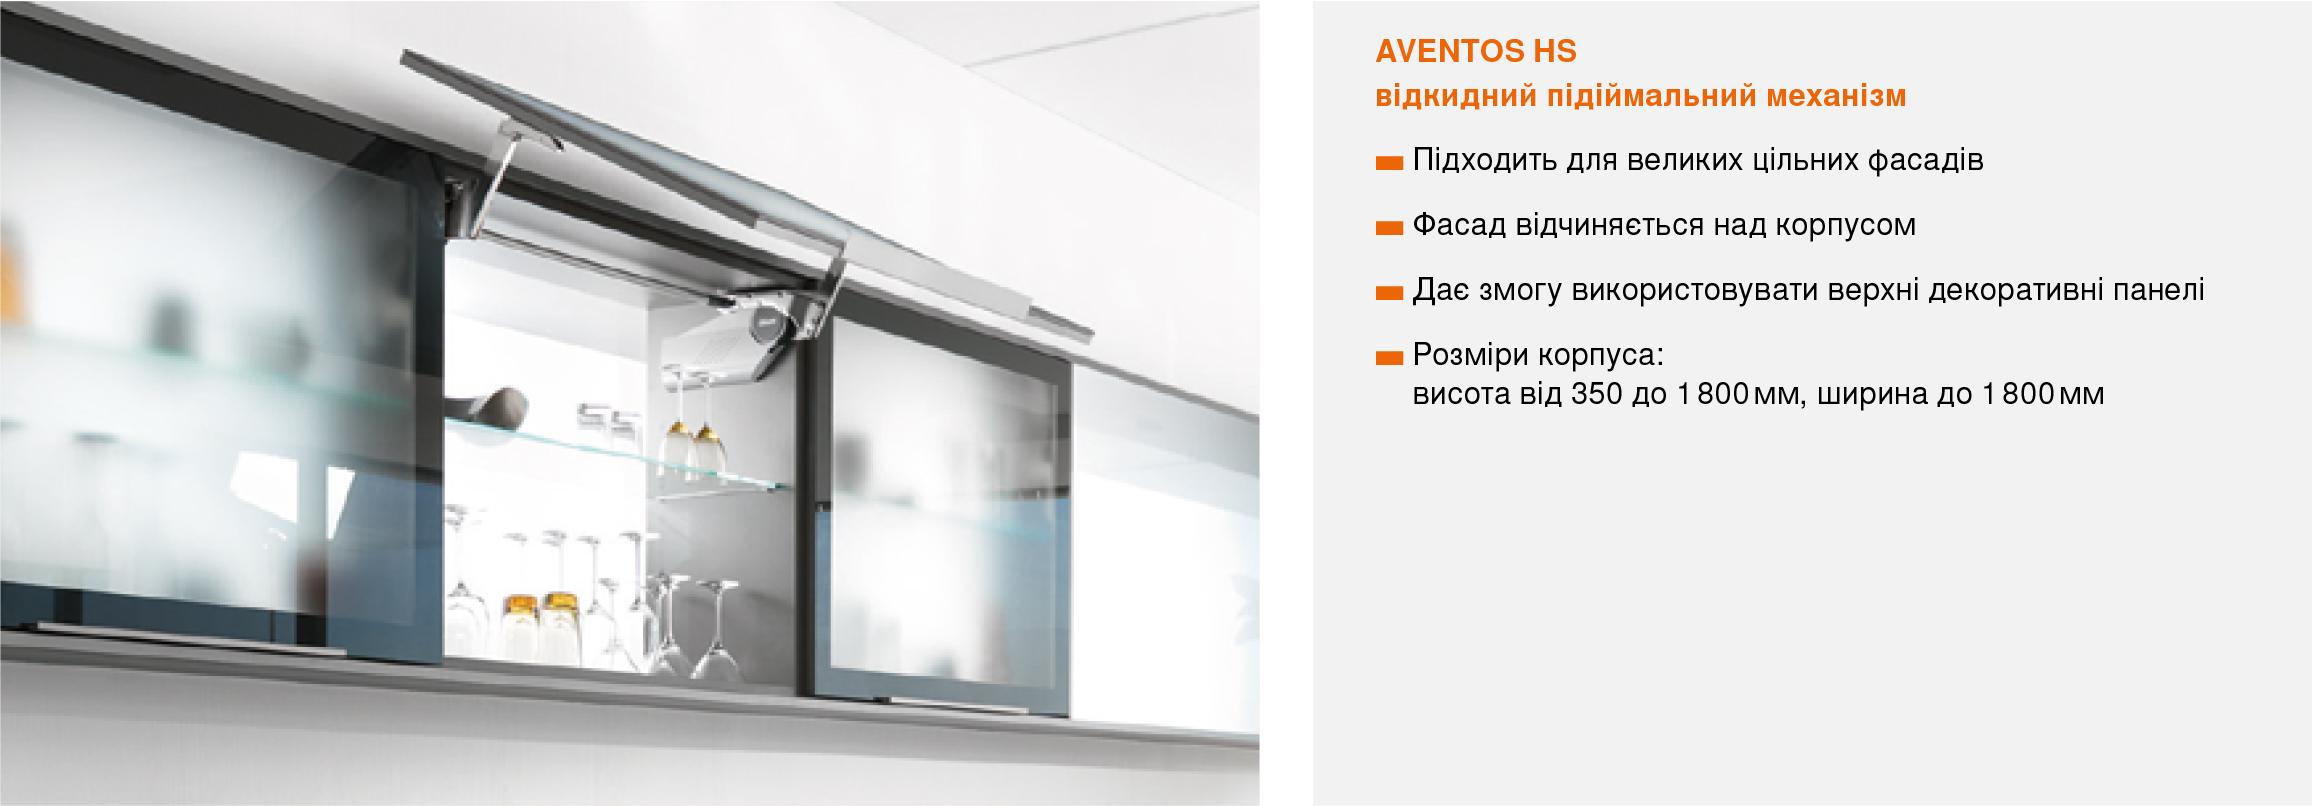 Подемный механизм AVENTOS HS для кухни метро Житомирская